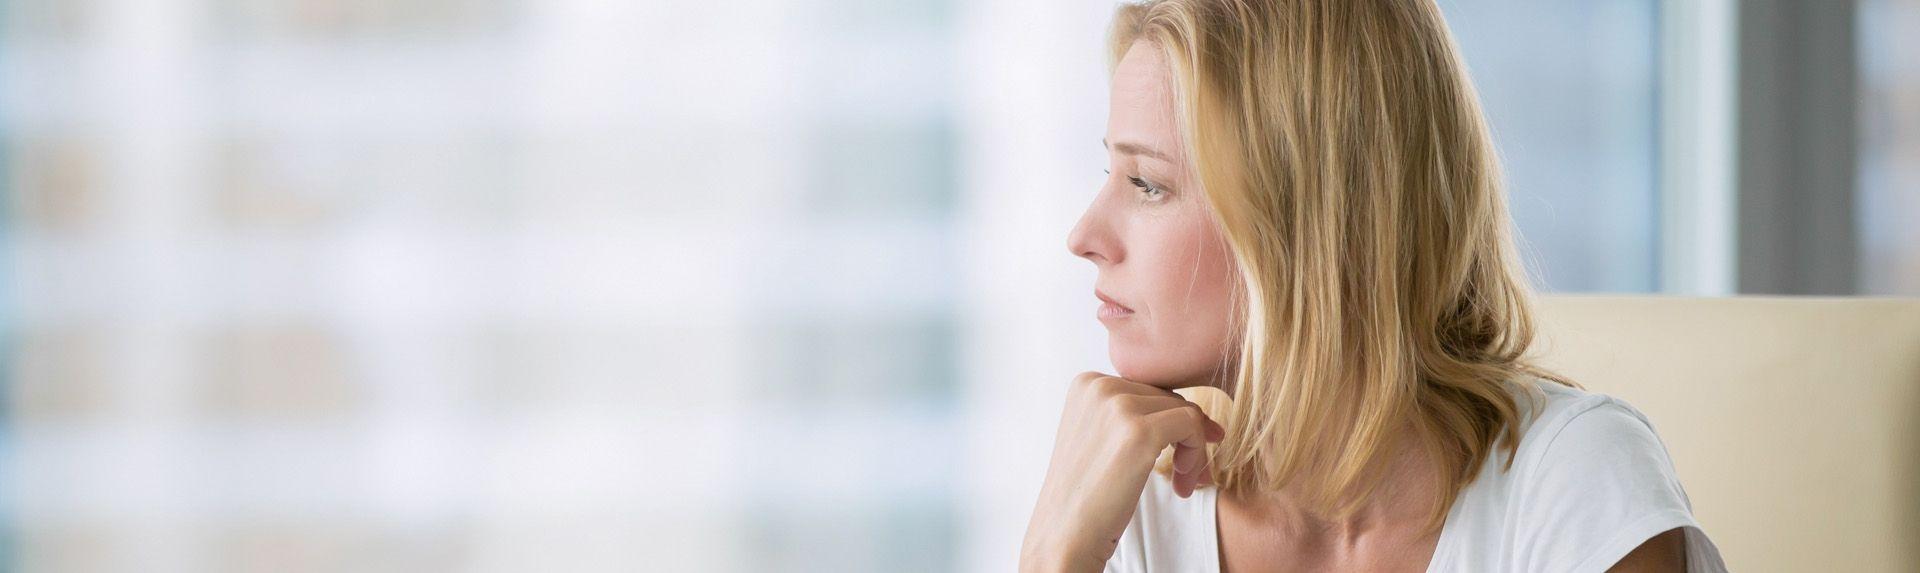 Гипертония при климаксе: лечение должно быть комплексным